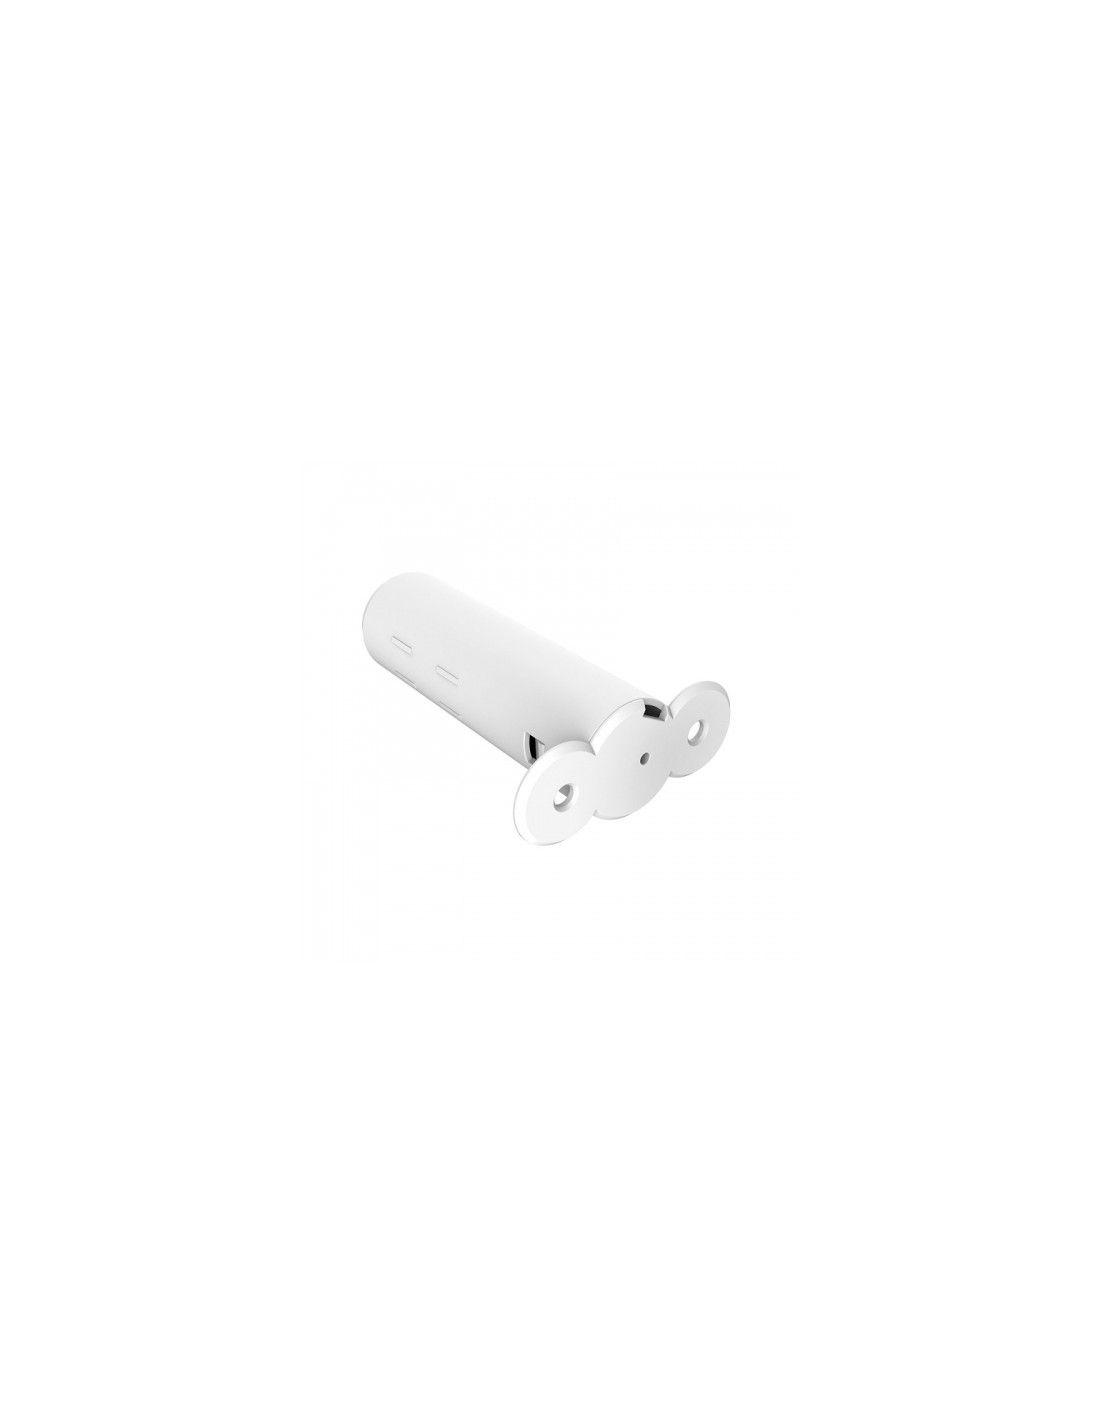 Aeon Labs Capteur D Ouverture De Porte 224 Encastrer Z